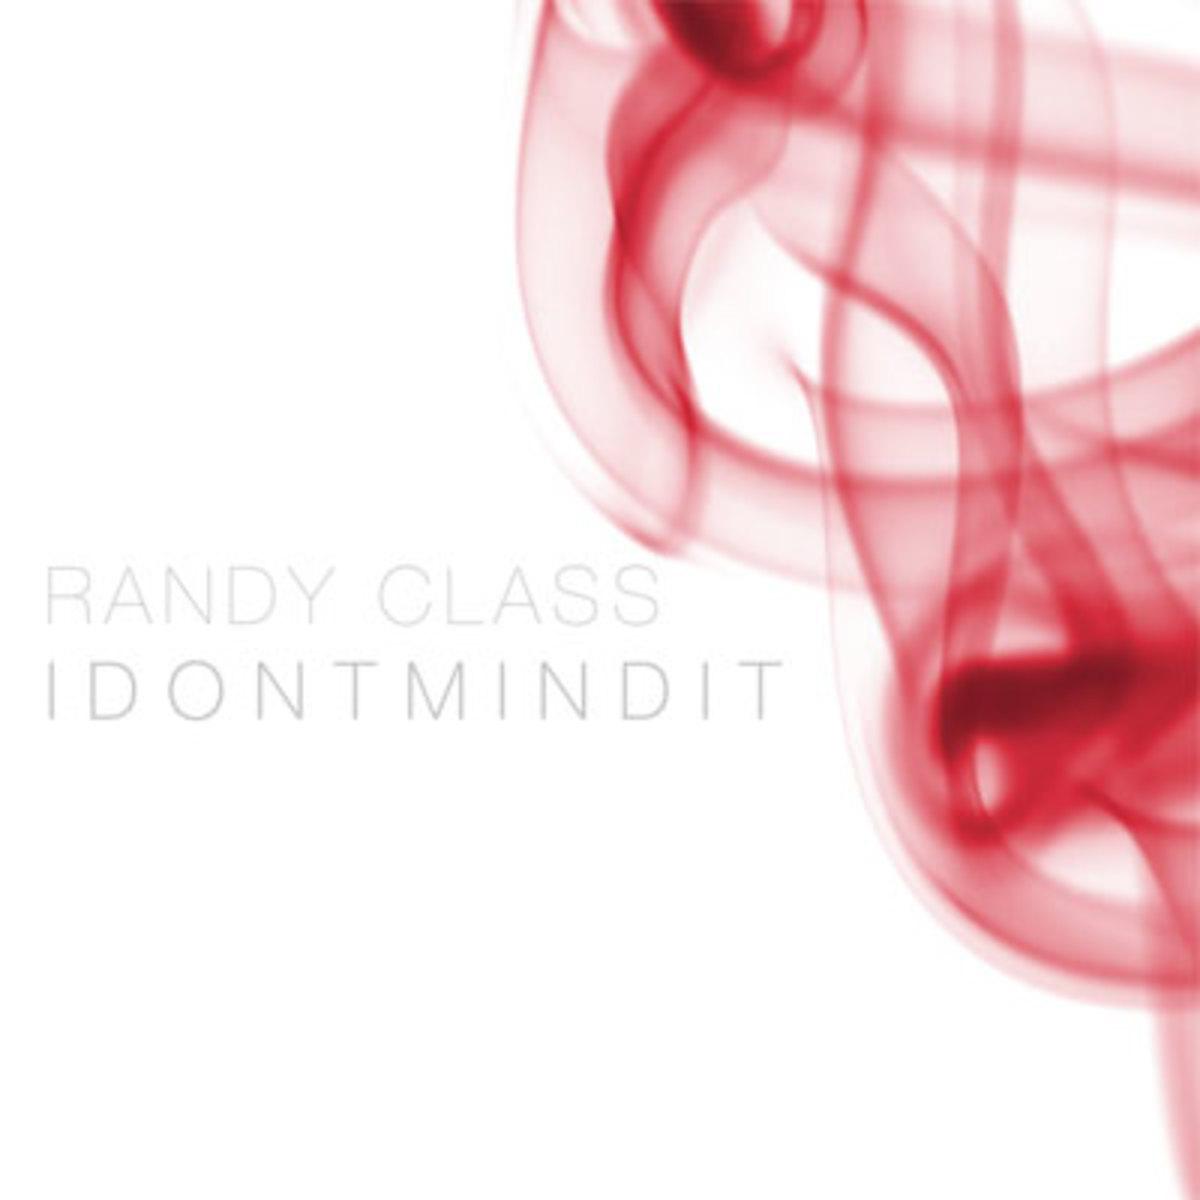 randyclass-idontmindit.jpg